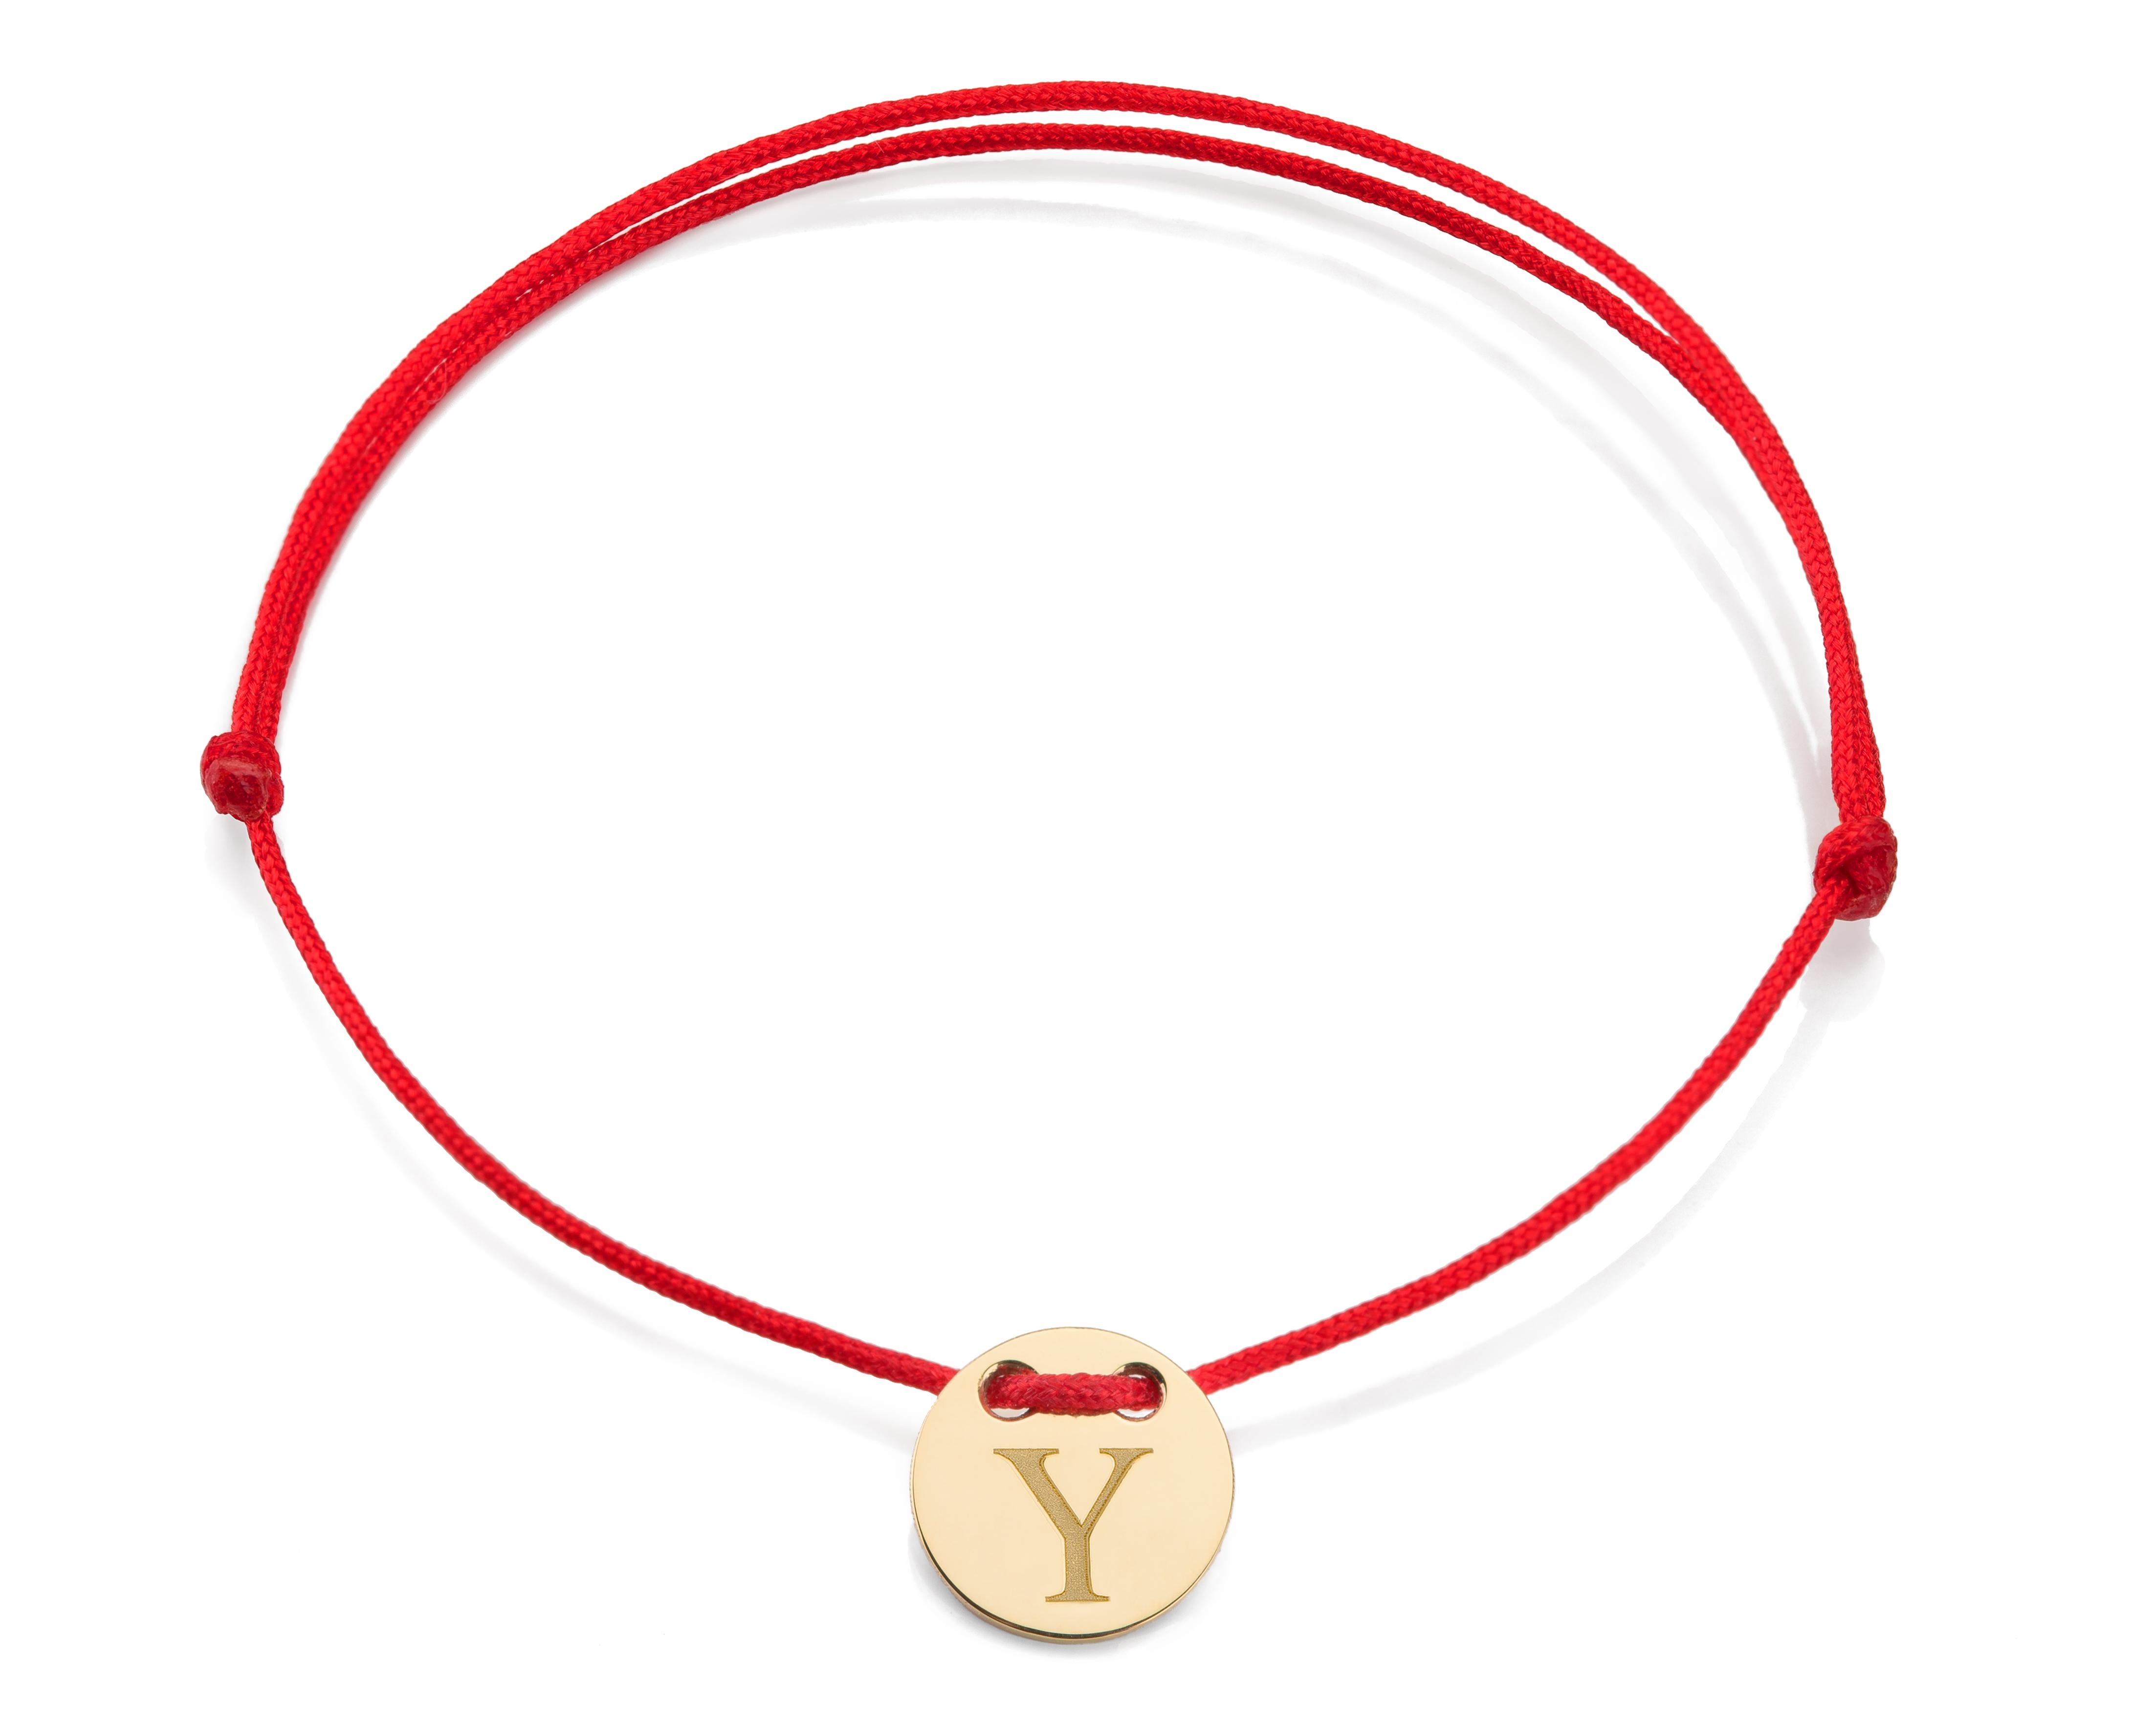 Červená šnúrka, 14kt zlato, Iniciál Y